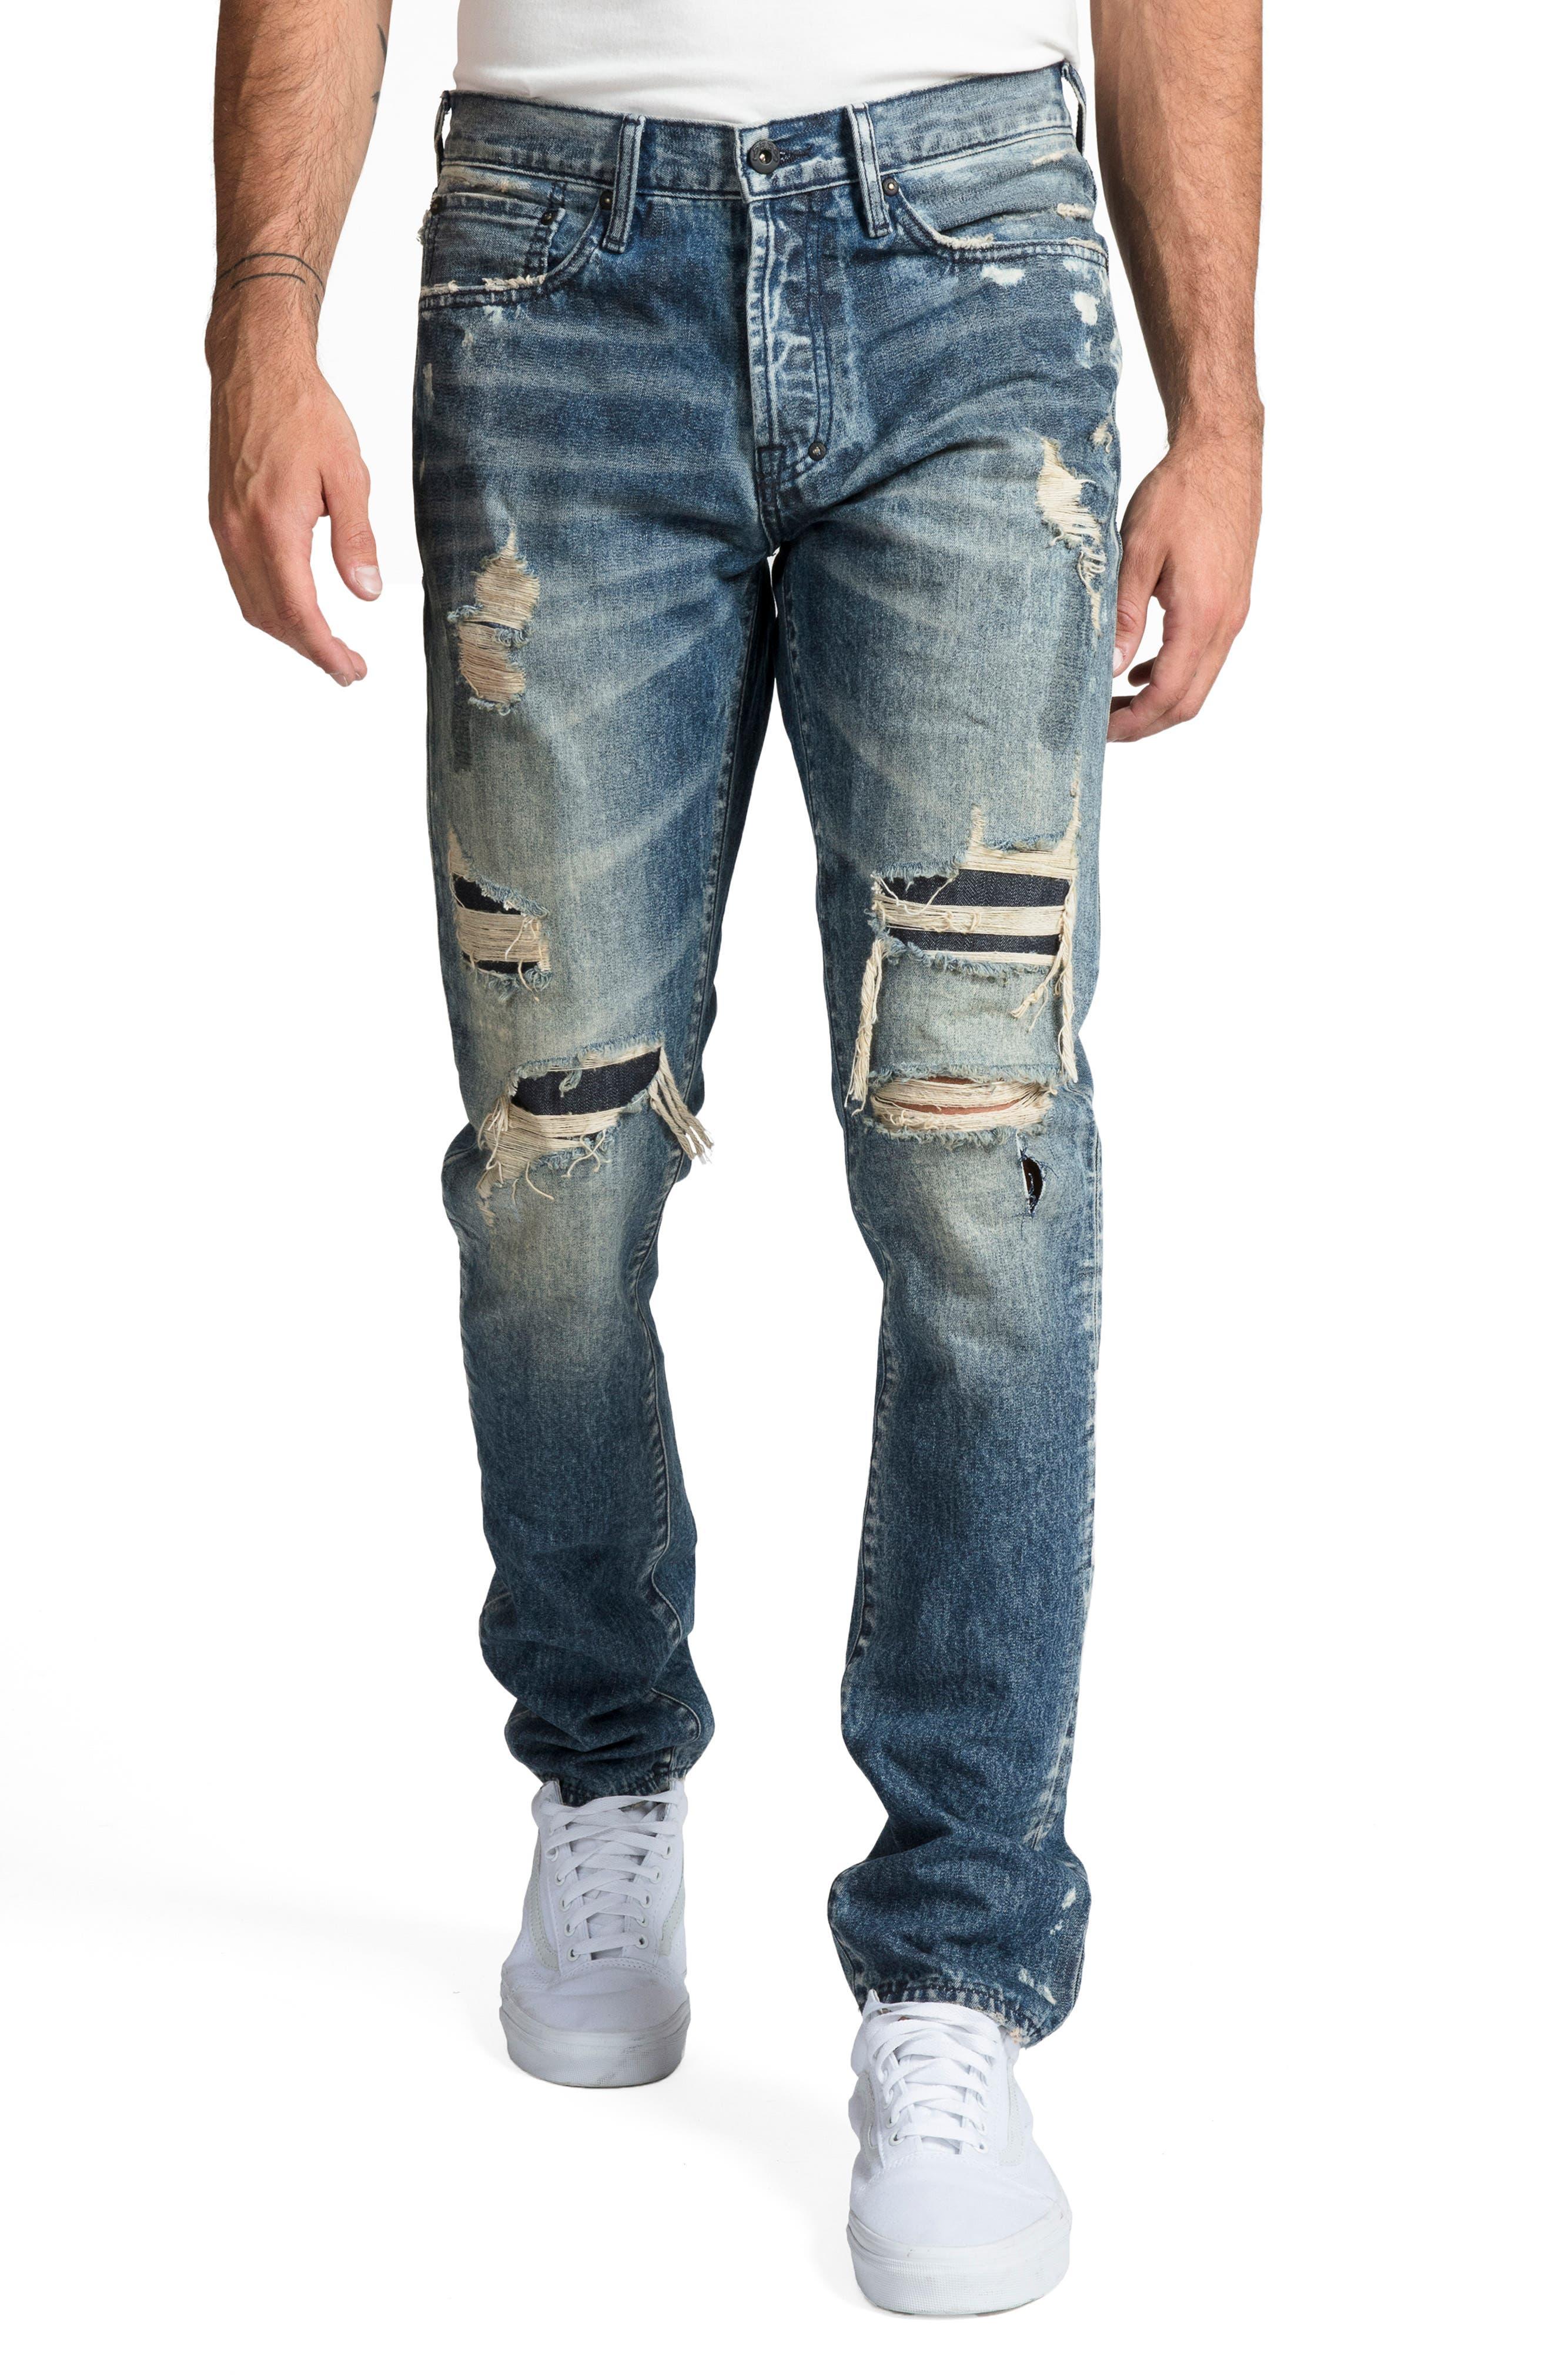 Le Sabre Slim Fit Jeans,                         Main,                         color, MELODIC